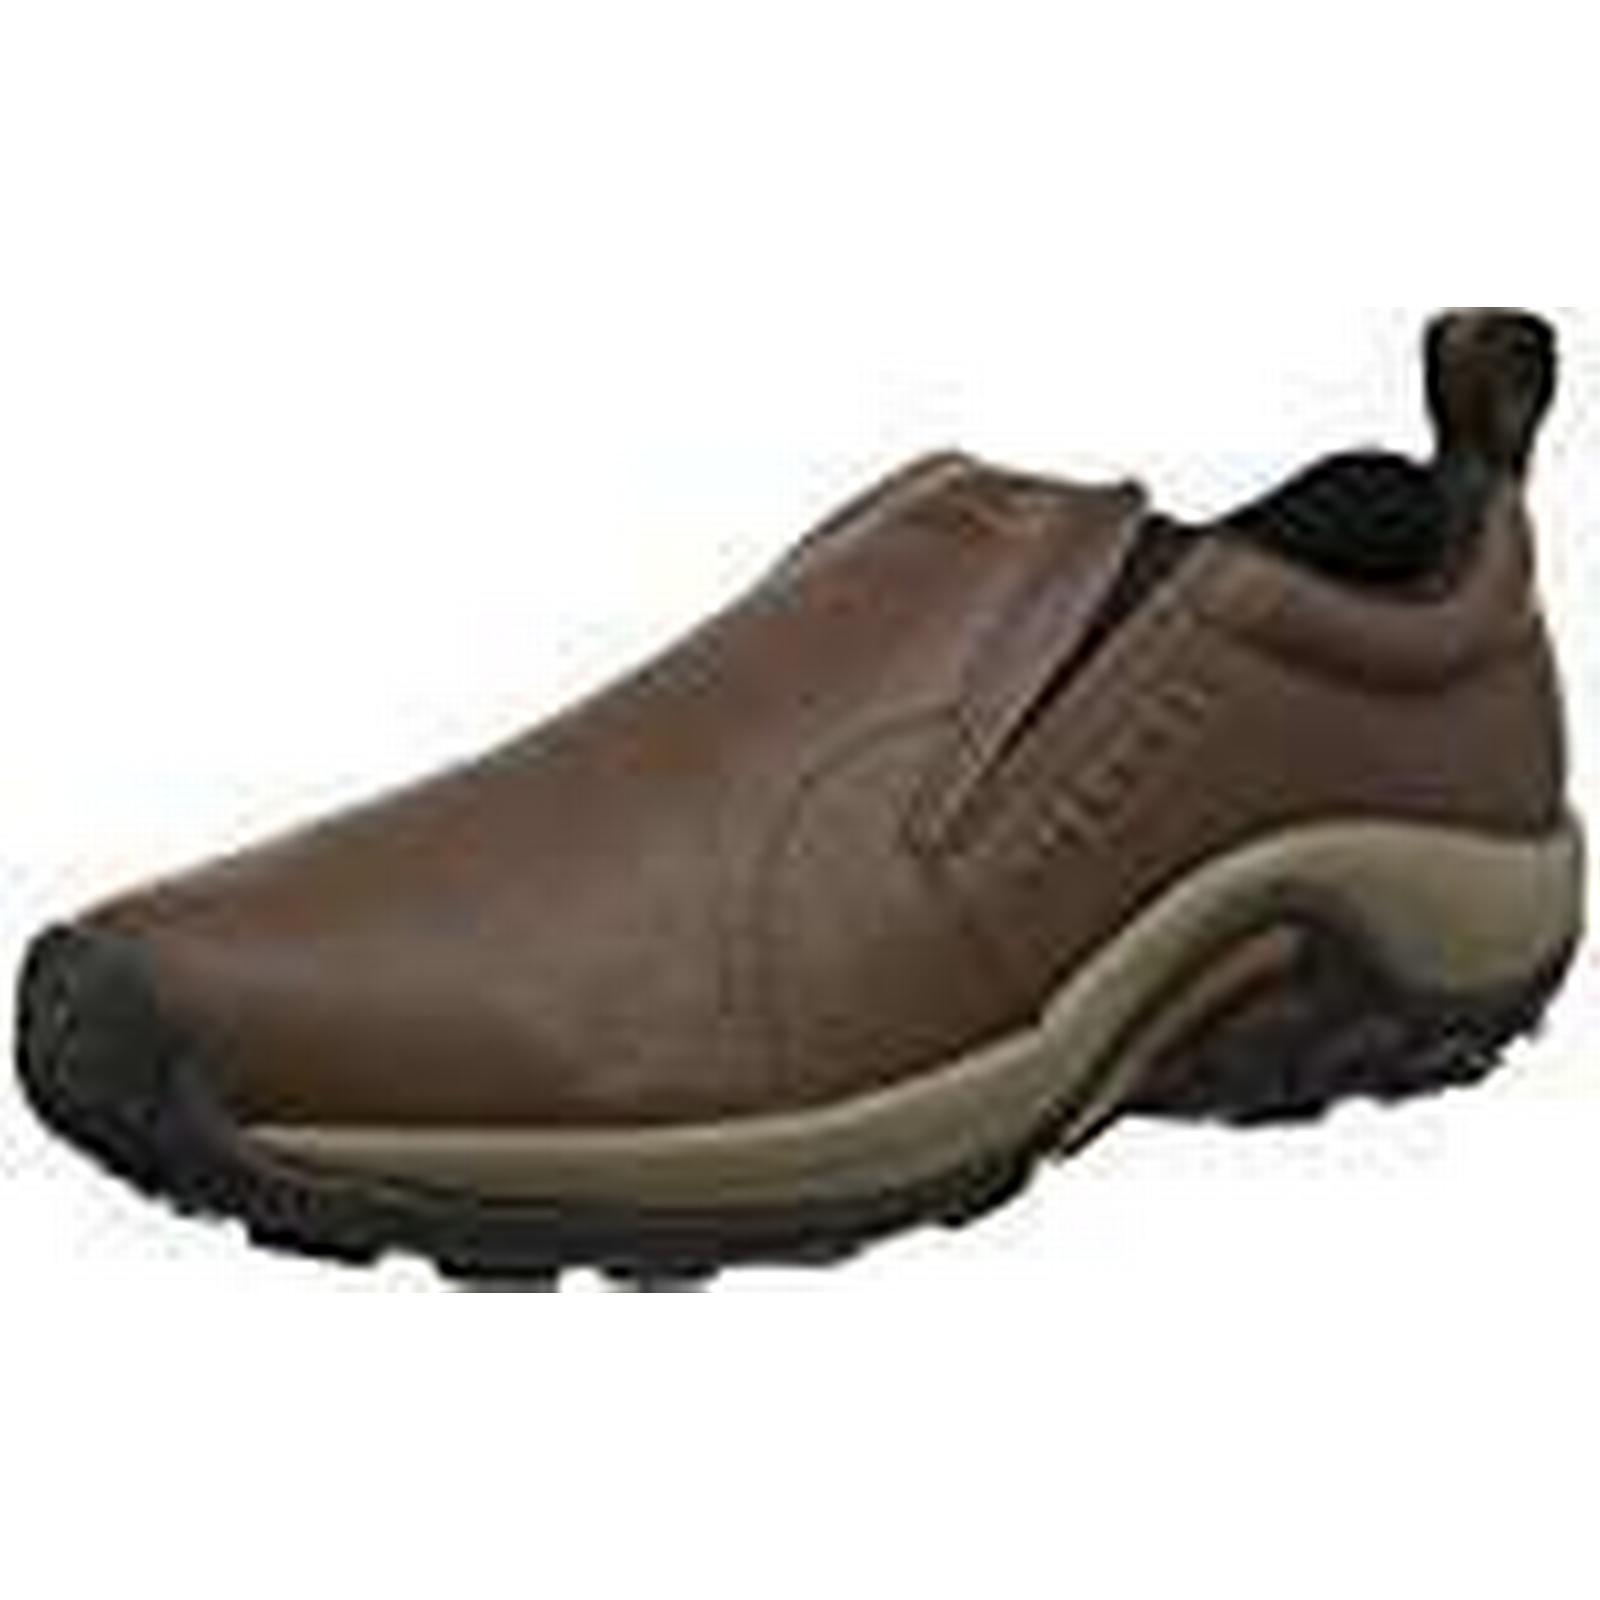 Merrell Jungle Moc, Men's Loafer Shoes - UK Brown (Black Slate), 9.5 UK - 68f142